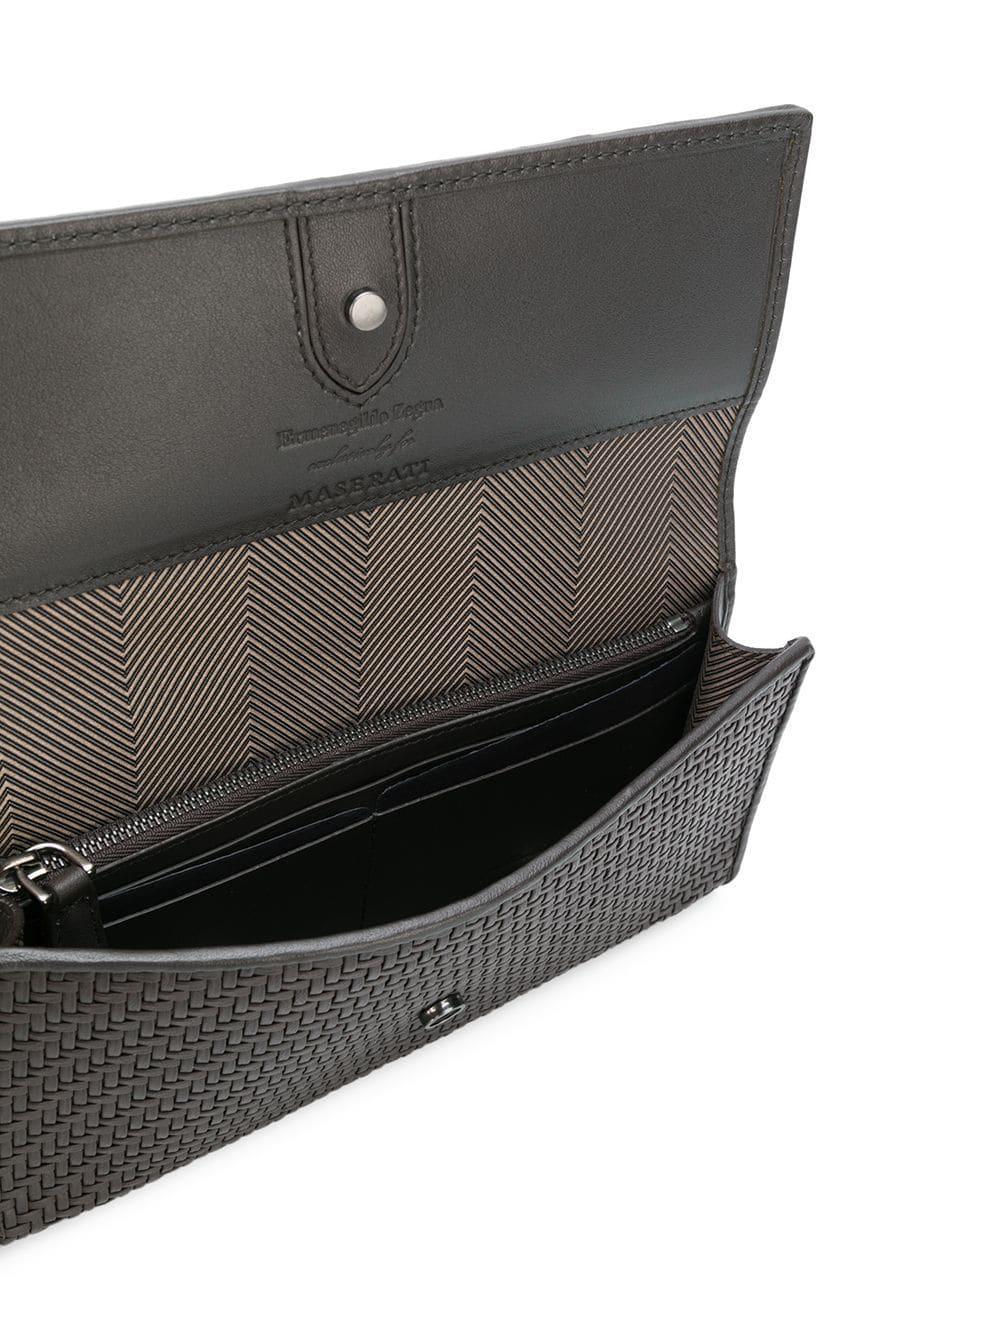 e4db02d36829 Ermenegildo Zegna X Maserati Pelle Tessuta Glasses Case in Brown for ...